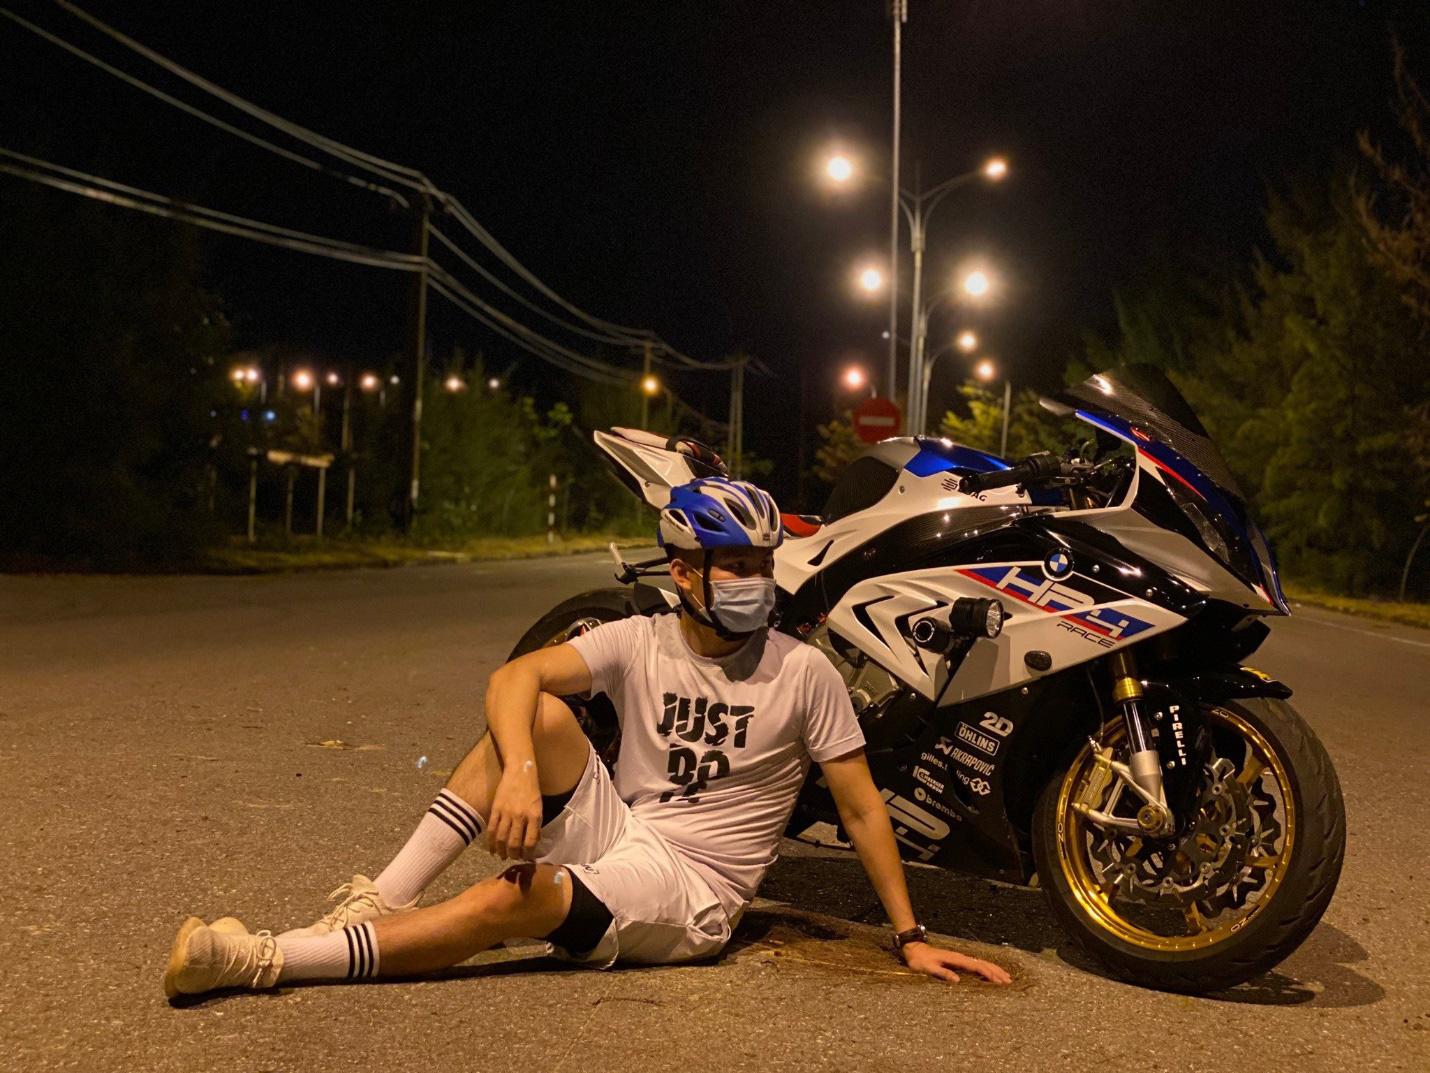 Đỗ Văn Phát: Nhiếp ảnh là nghề nhưng đam mê lại là tốc độ và moto - Ảnh 3.